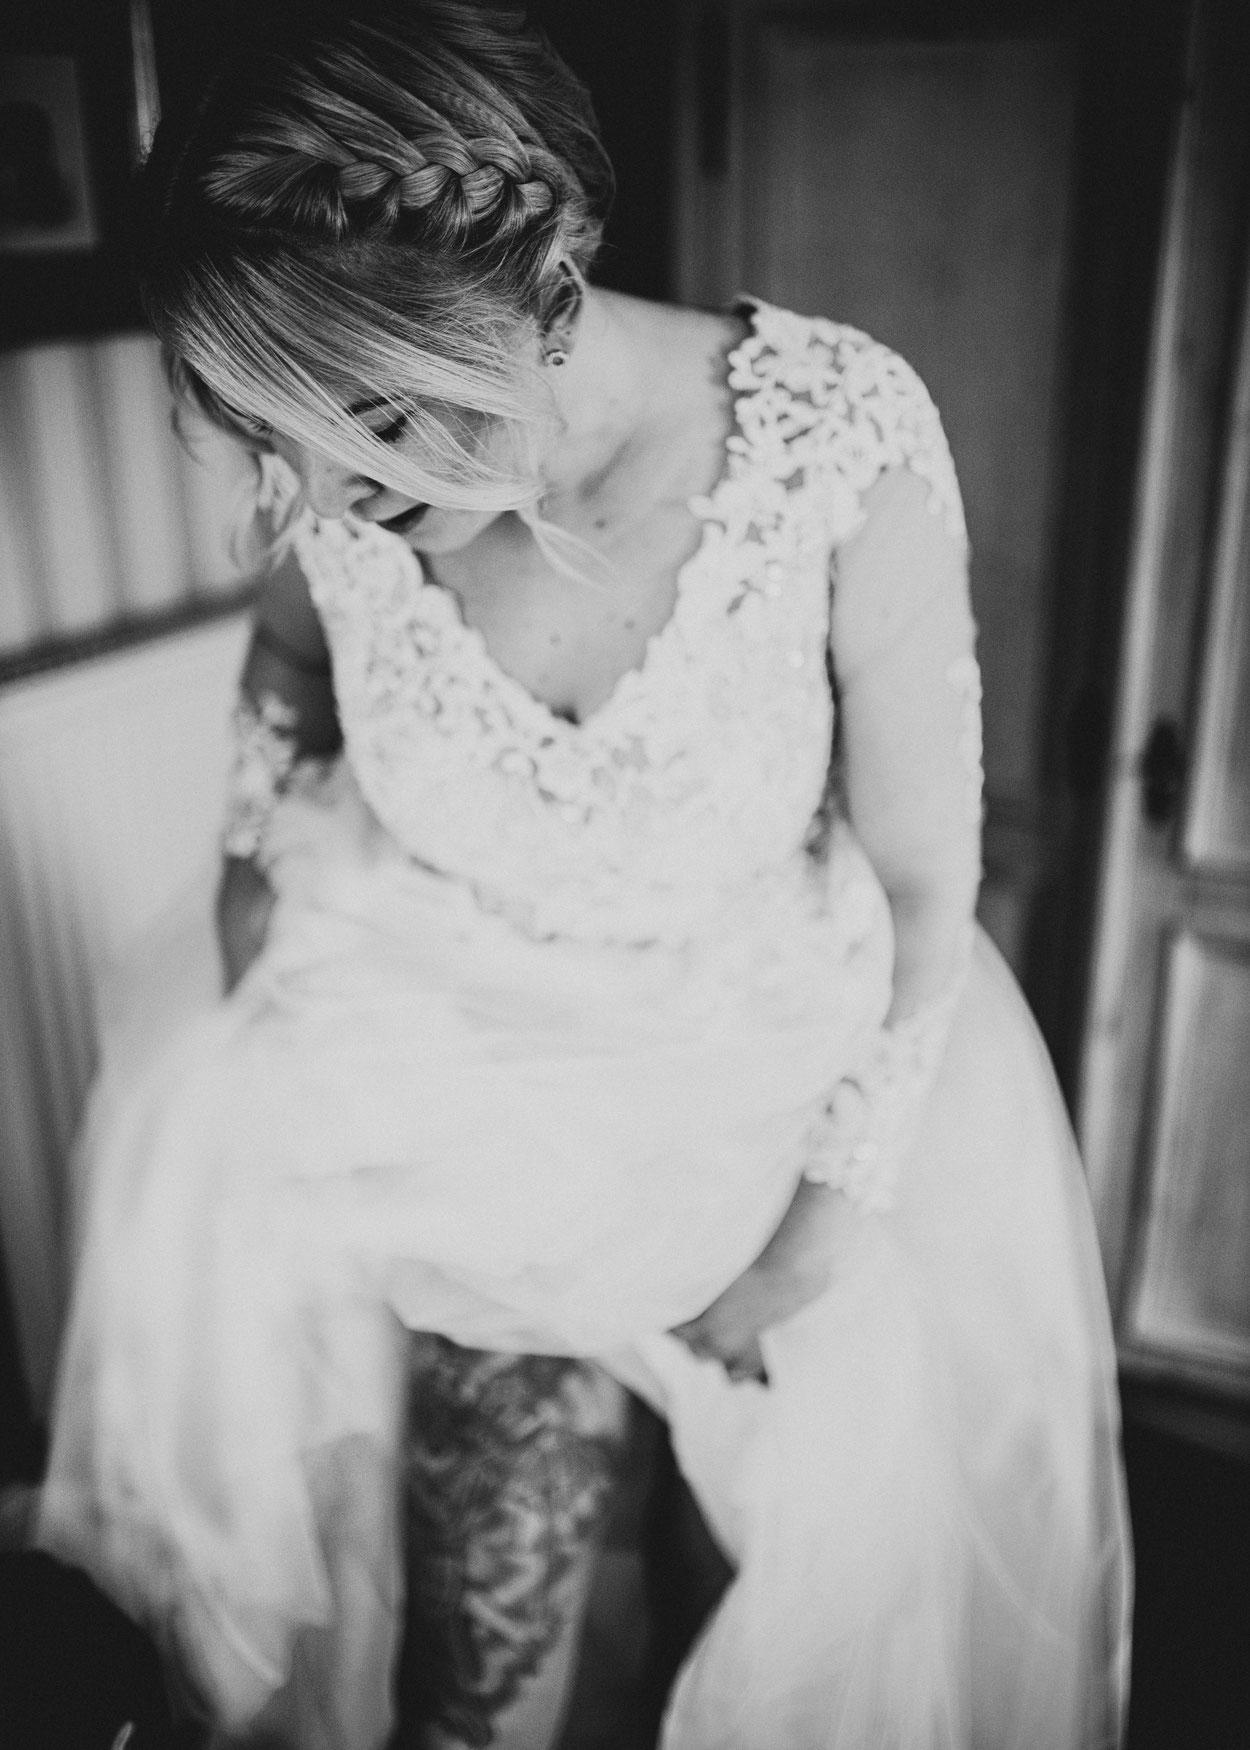 Hochzeitsfotograf Saarland - Fotograf Kai Kreutzer 841900104 - Saarbrücken, Saarlouis, Luxemburg